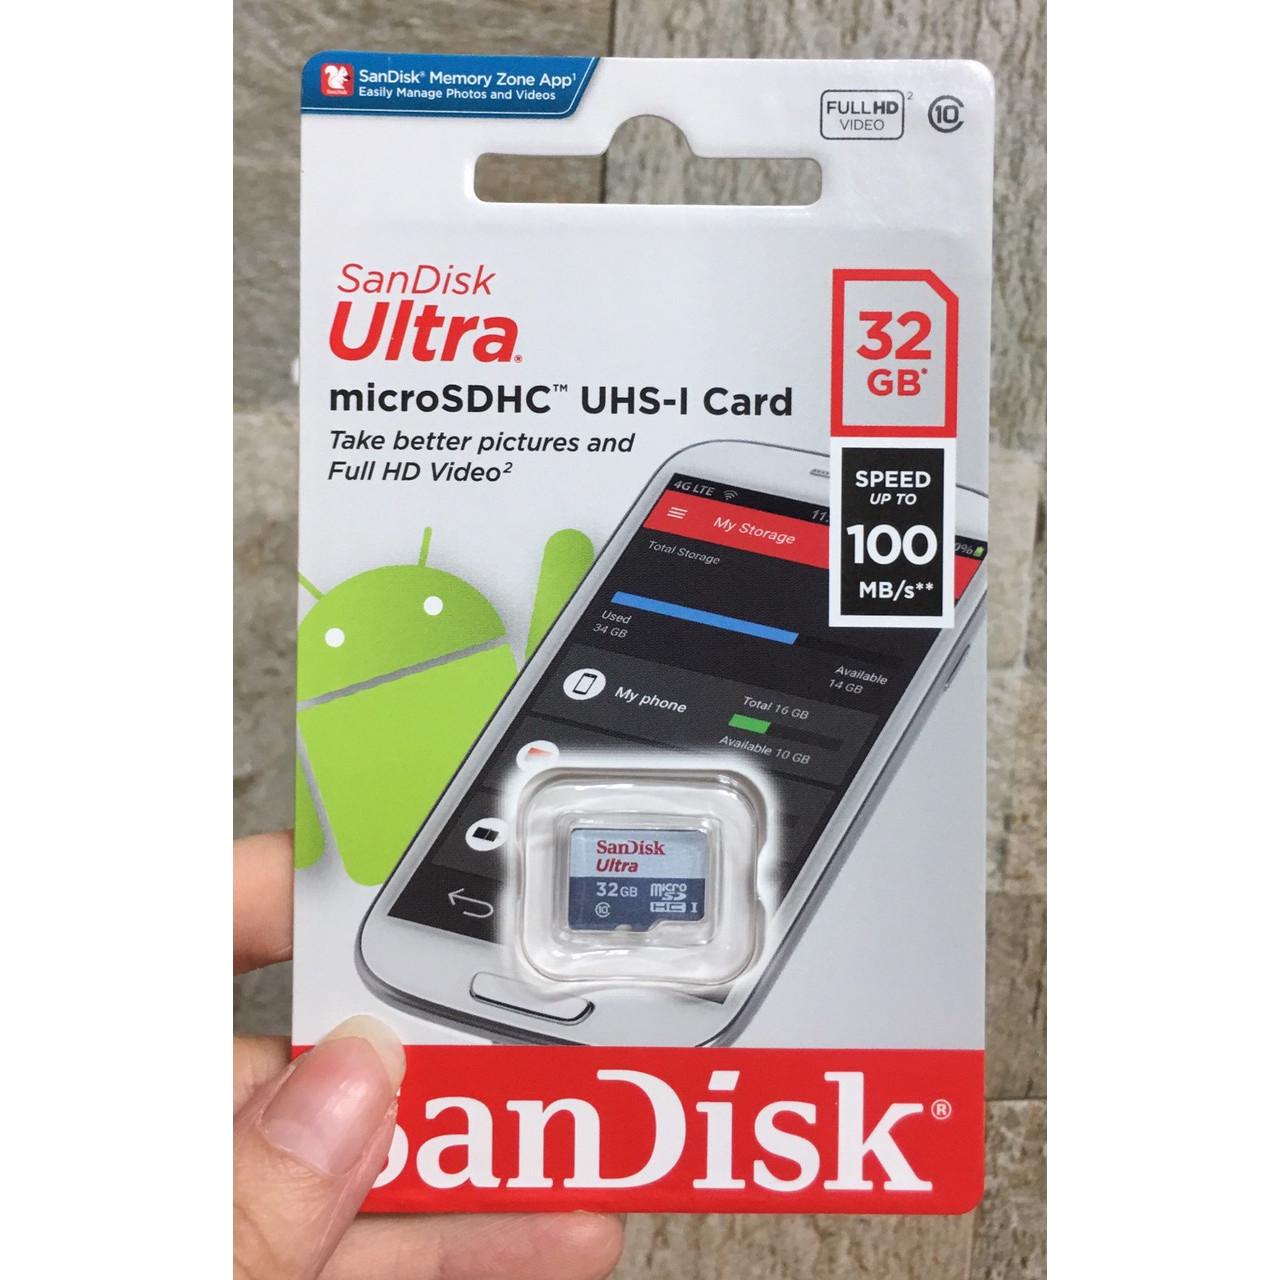 Thẻ Nhớ MicroSD SanDisk Ultra 32GB 100MB/s - Hàng Chính Hãng